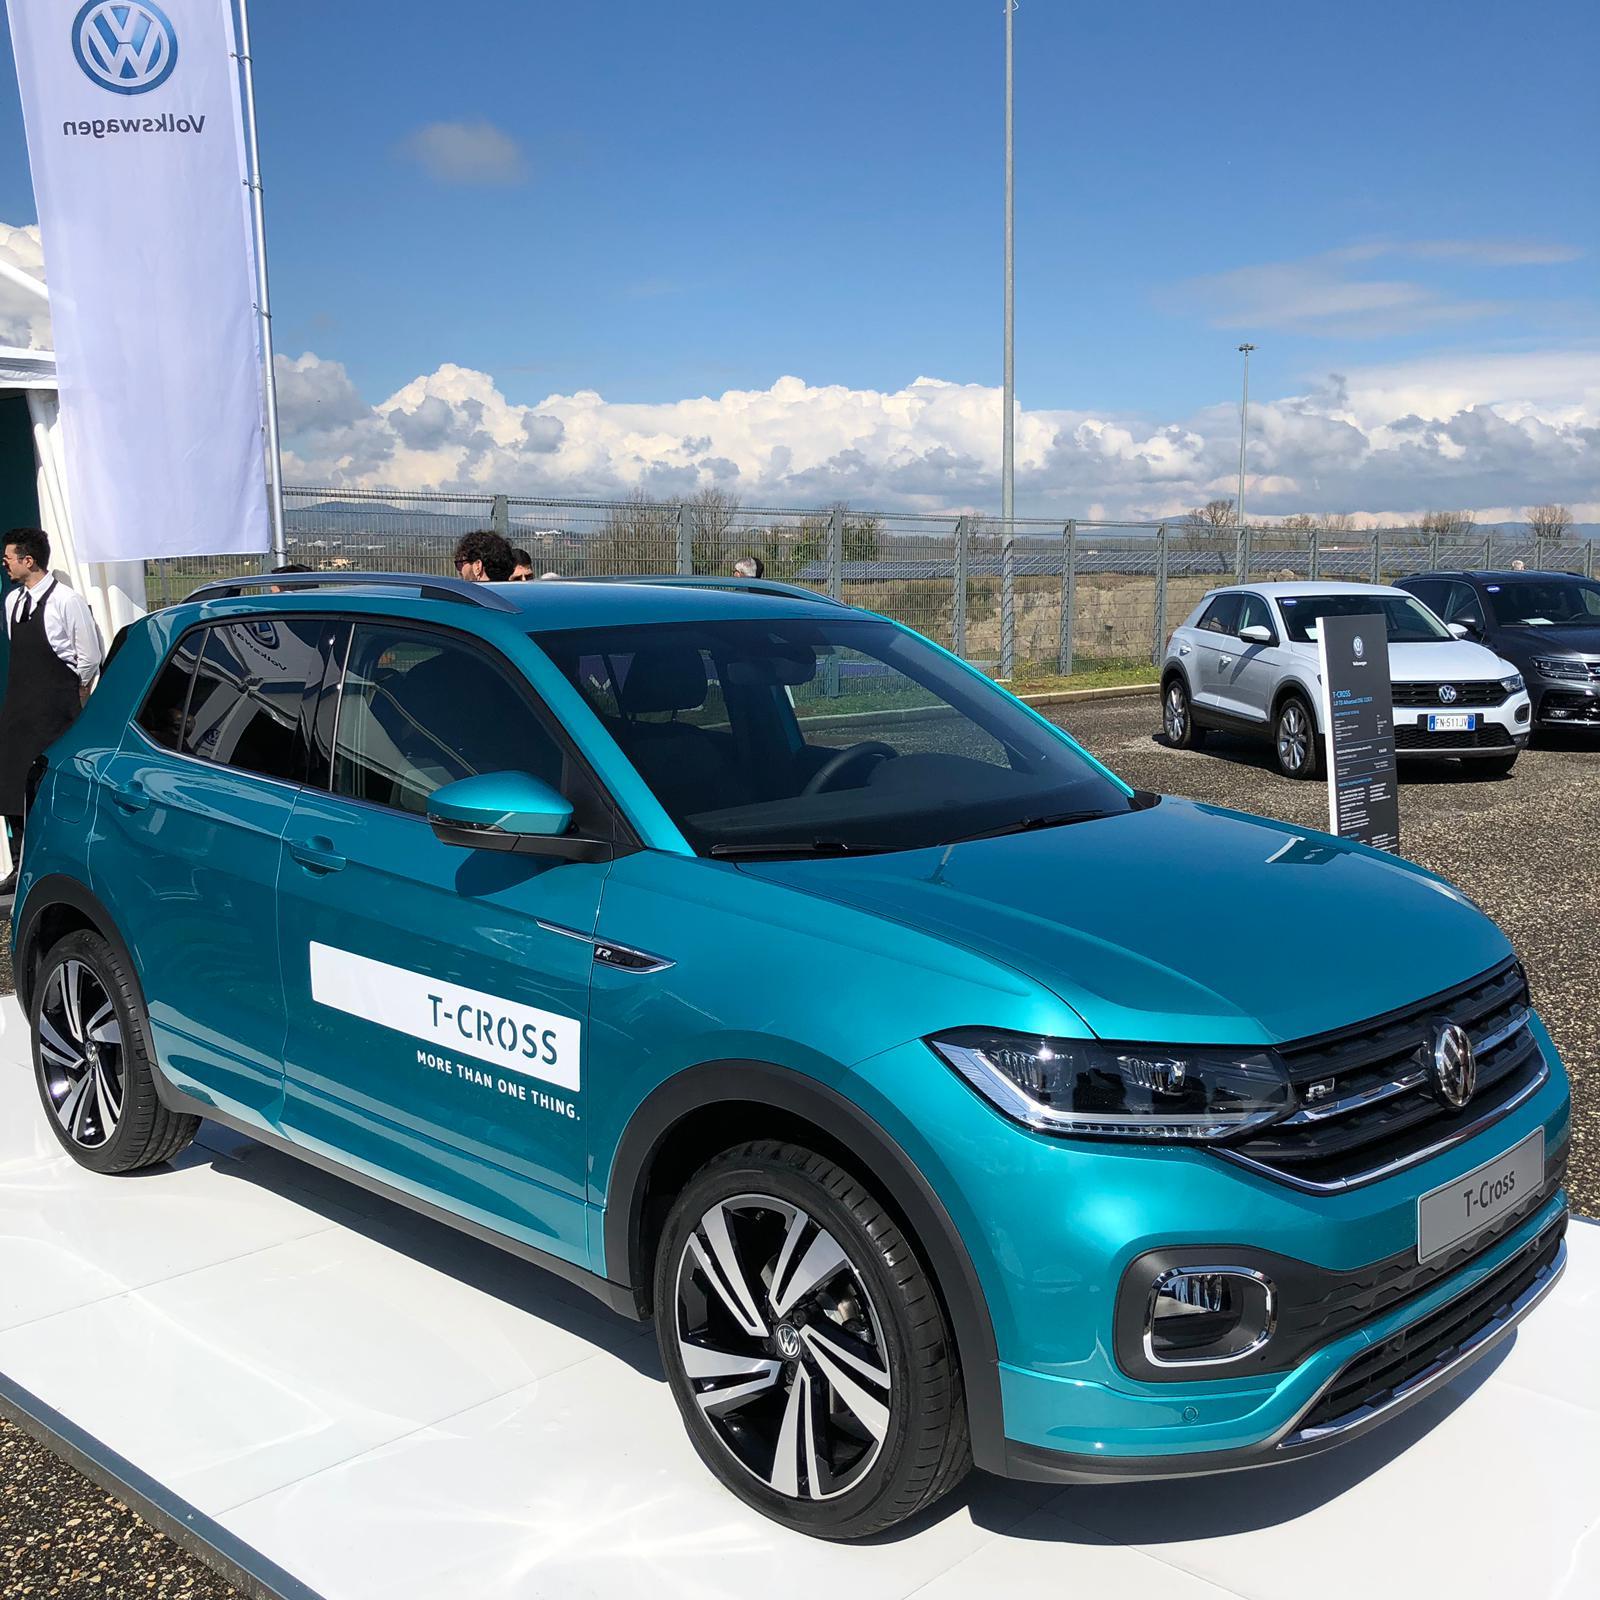 nuova-volkswagen-t-crossanteprima-fleet-motor-day-2019